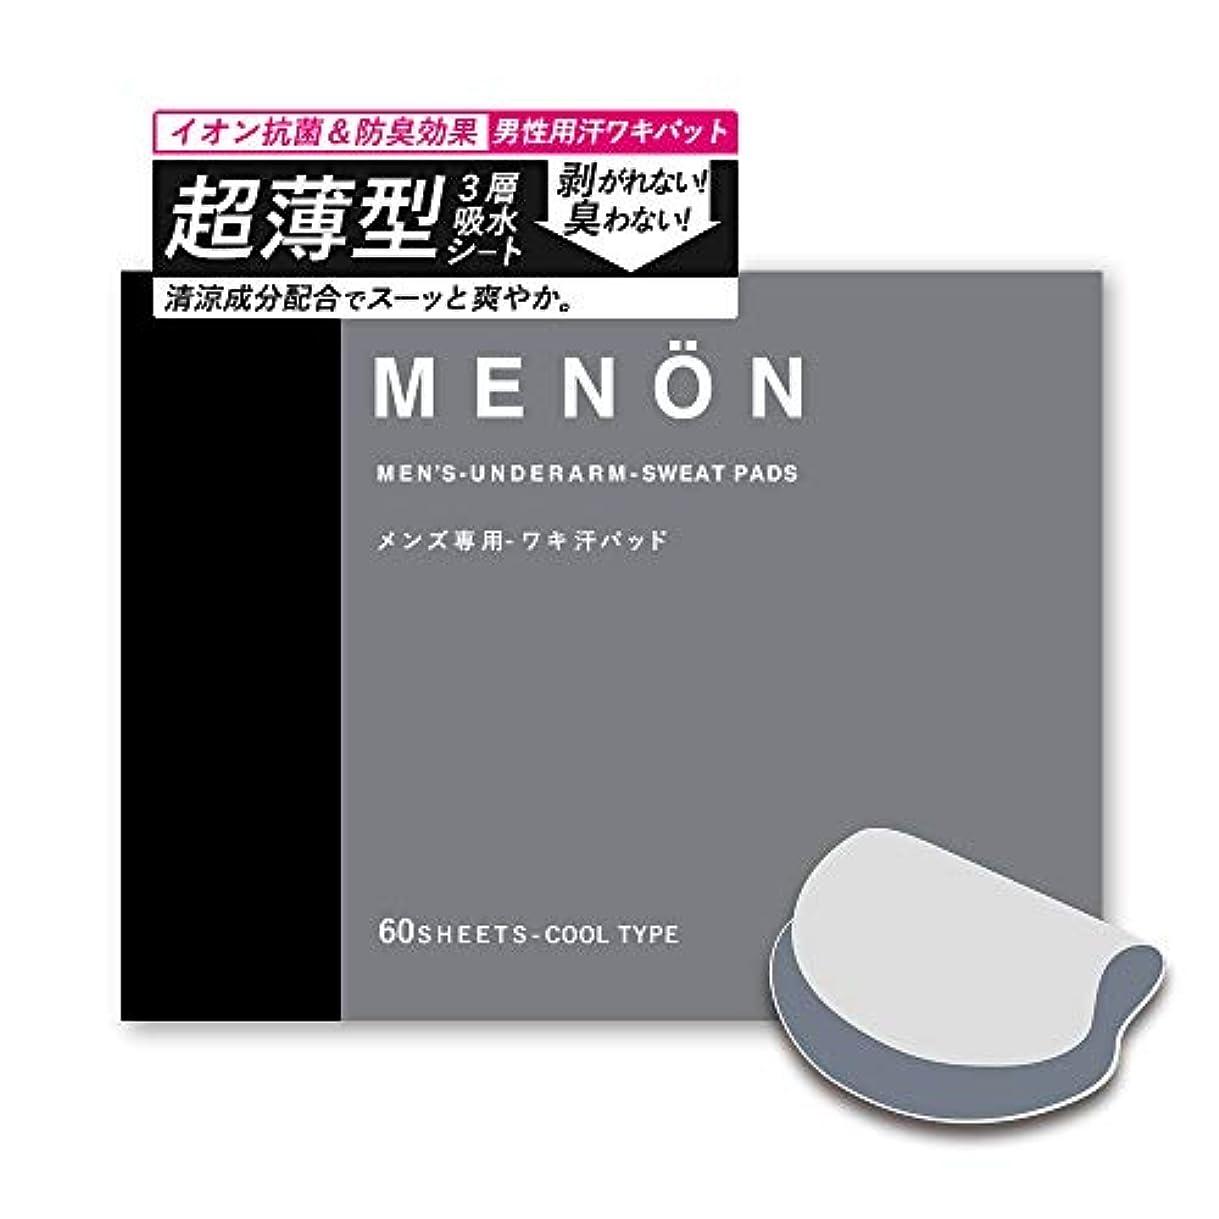 無限アライアンス下位MENON 安心の日本製 脇汗パッド メンズ 使い捨て 汗取りパッド 大容量60枚 (30セット) 清涼成分配合 脇汗 男性用 ボディケア 汗ジミ?臭い予防に パッド シール メノン